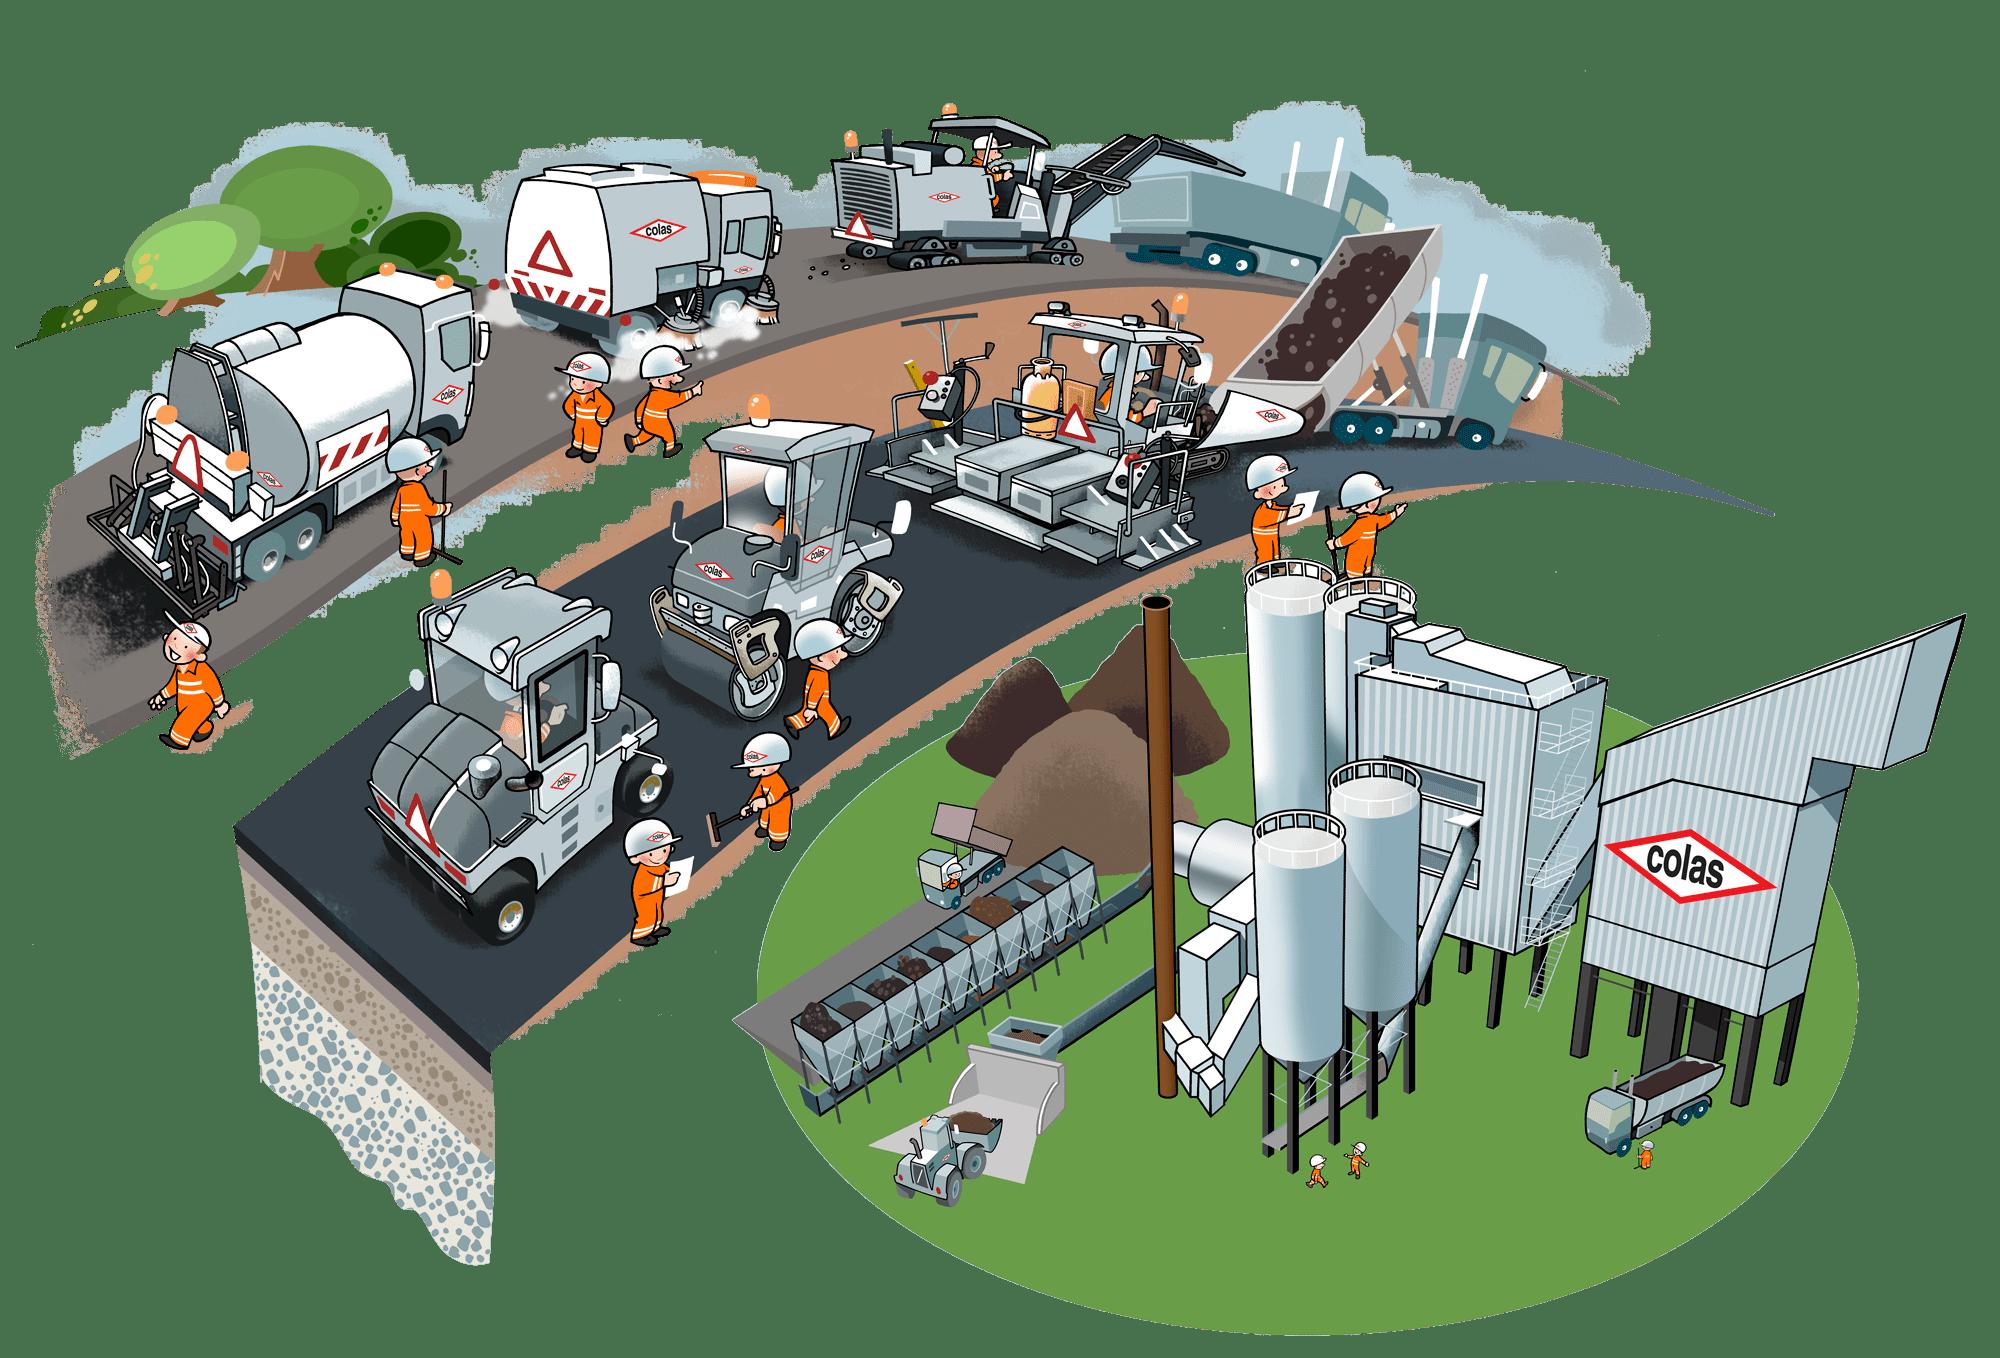 Colas-Asfaltproduktion